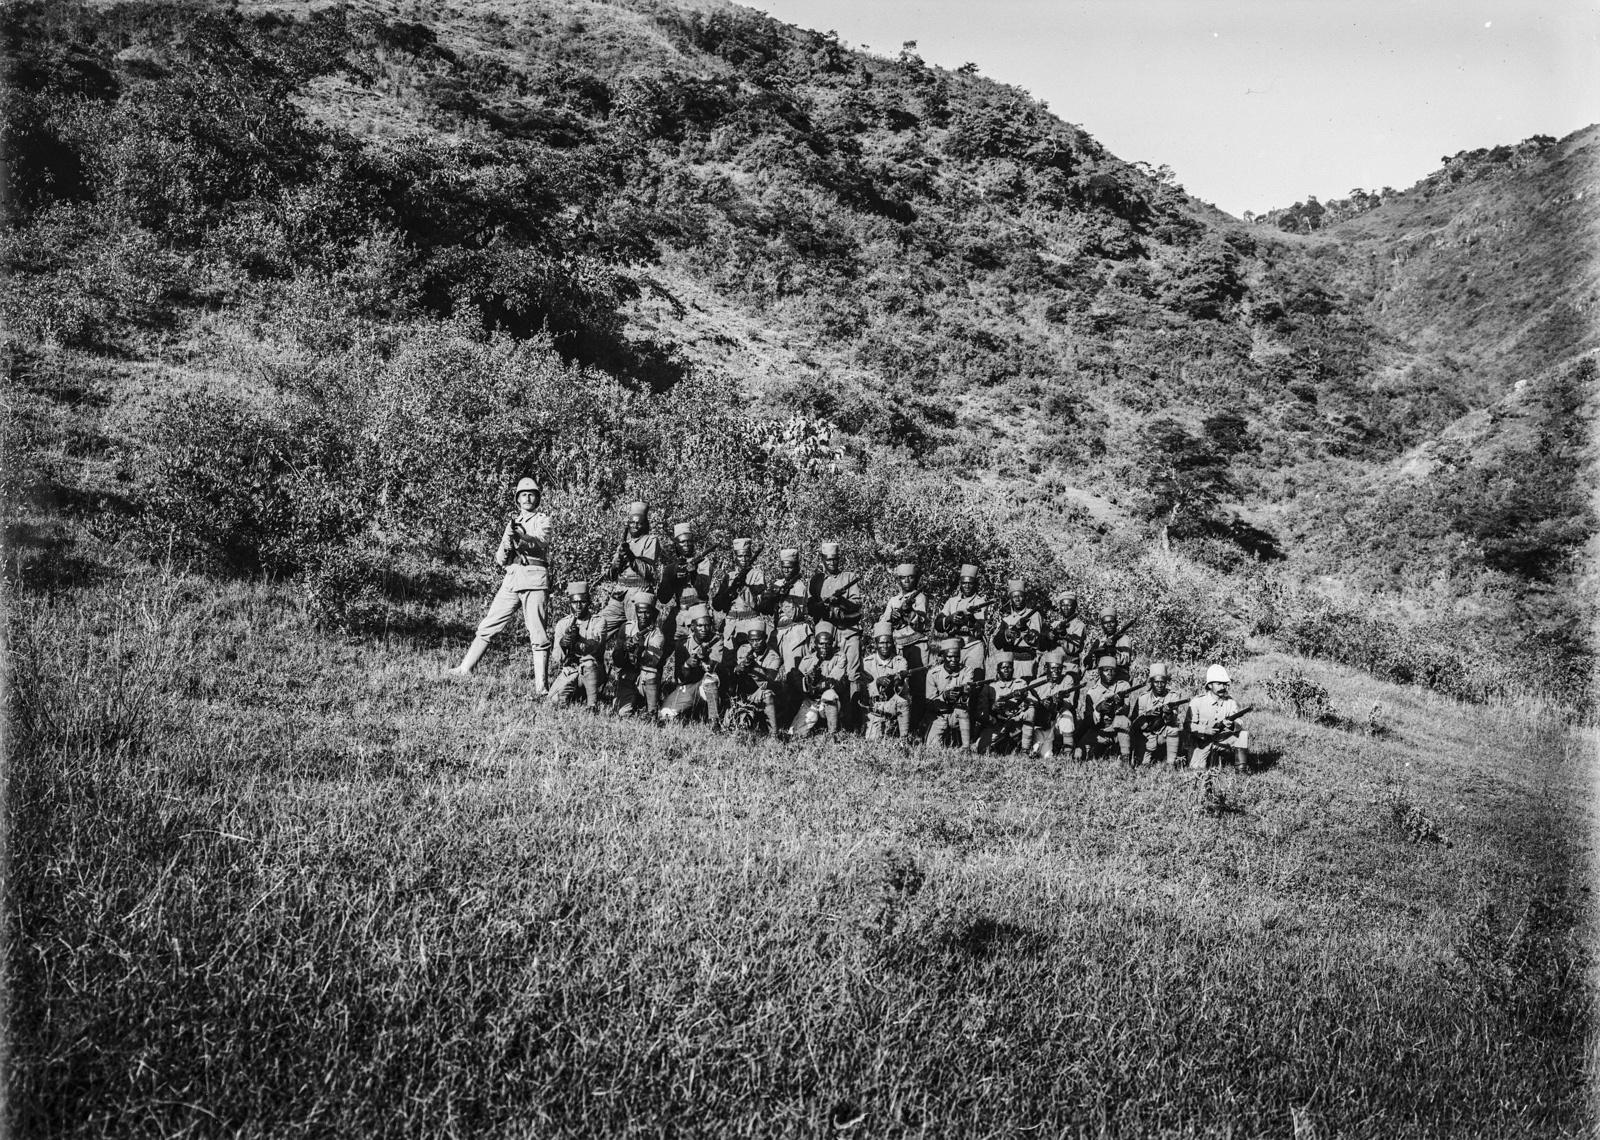 81. Учебные стрельбы. Солдаты немецких колониальных войск , оснащенные огнестрельным оружием Mauser Model 71 готовятся к стрельбе